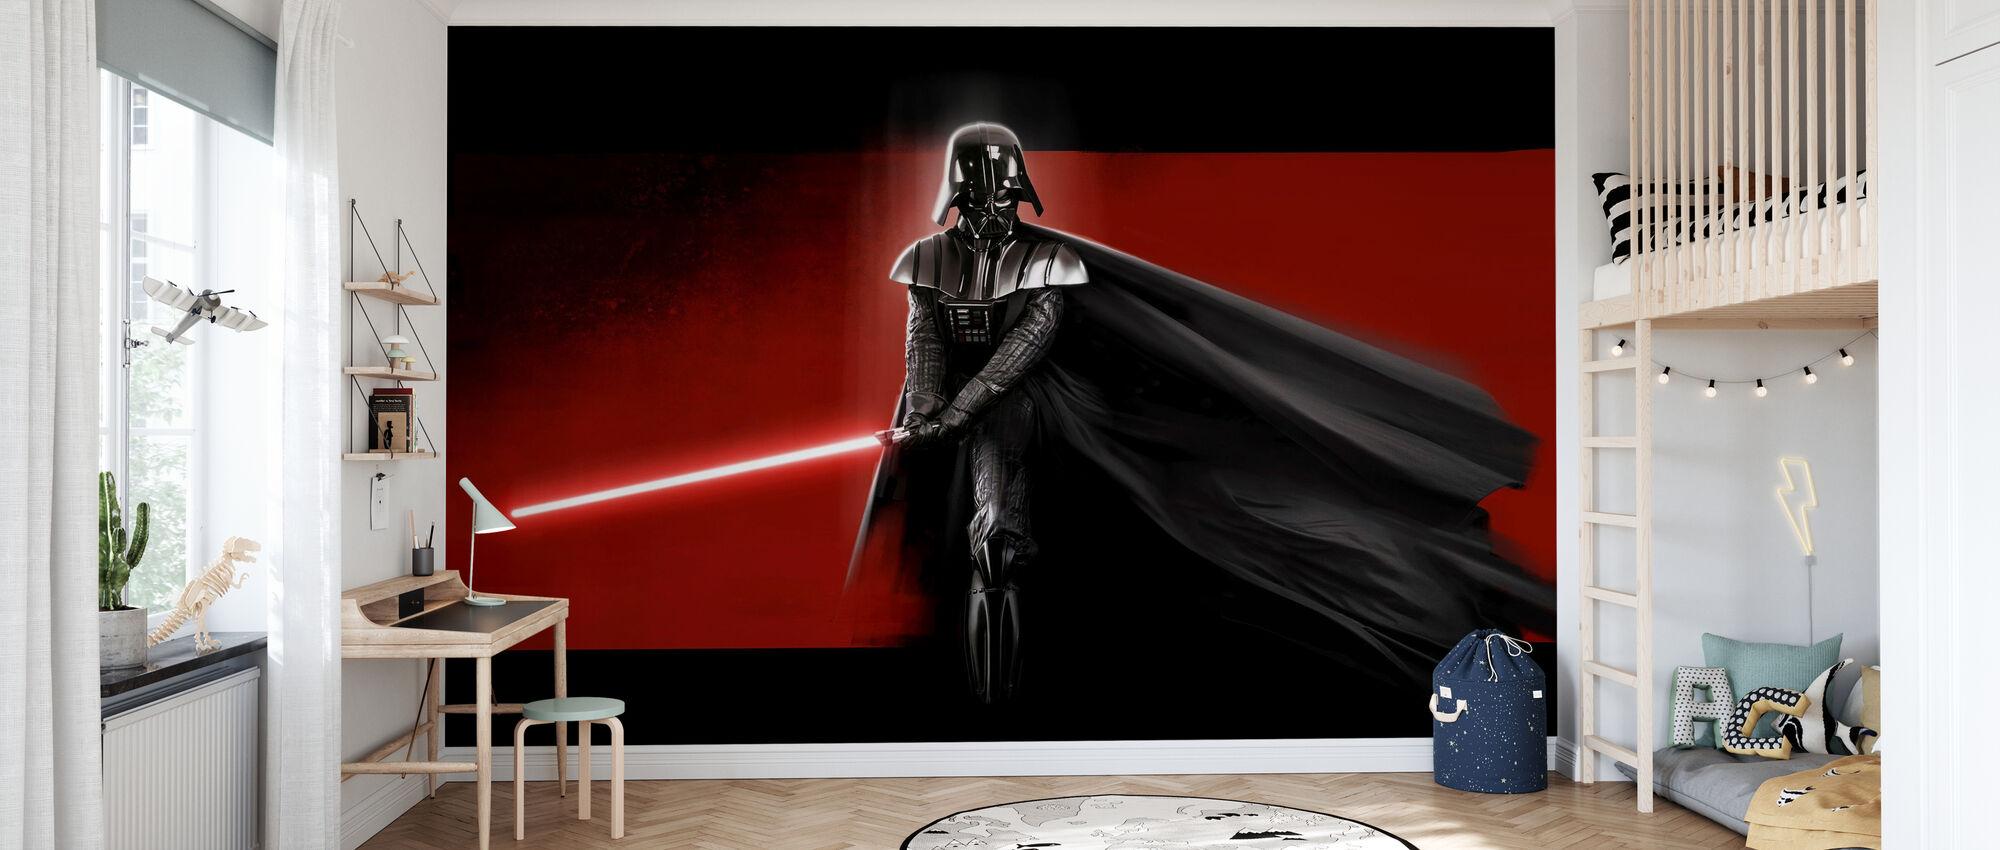 Star Wars - Darth Vader rød - Tapet - Barnerom